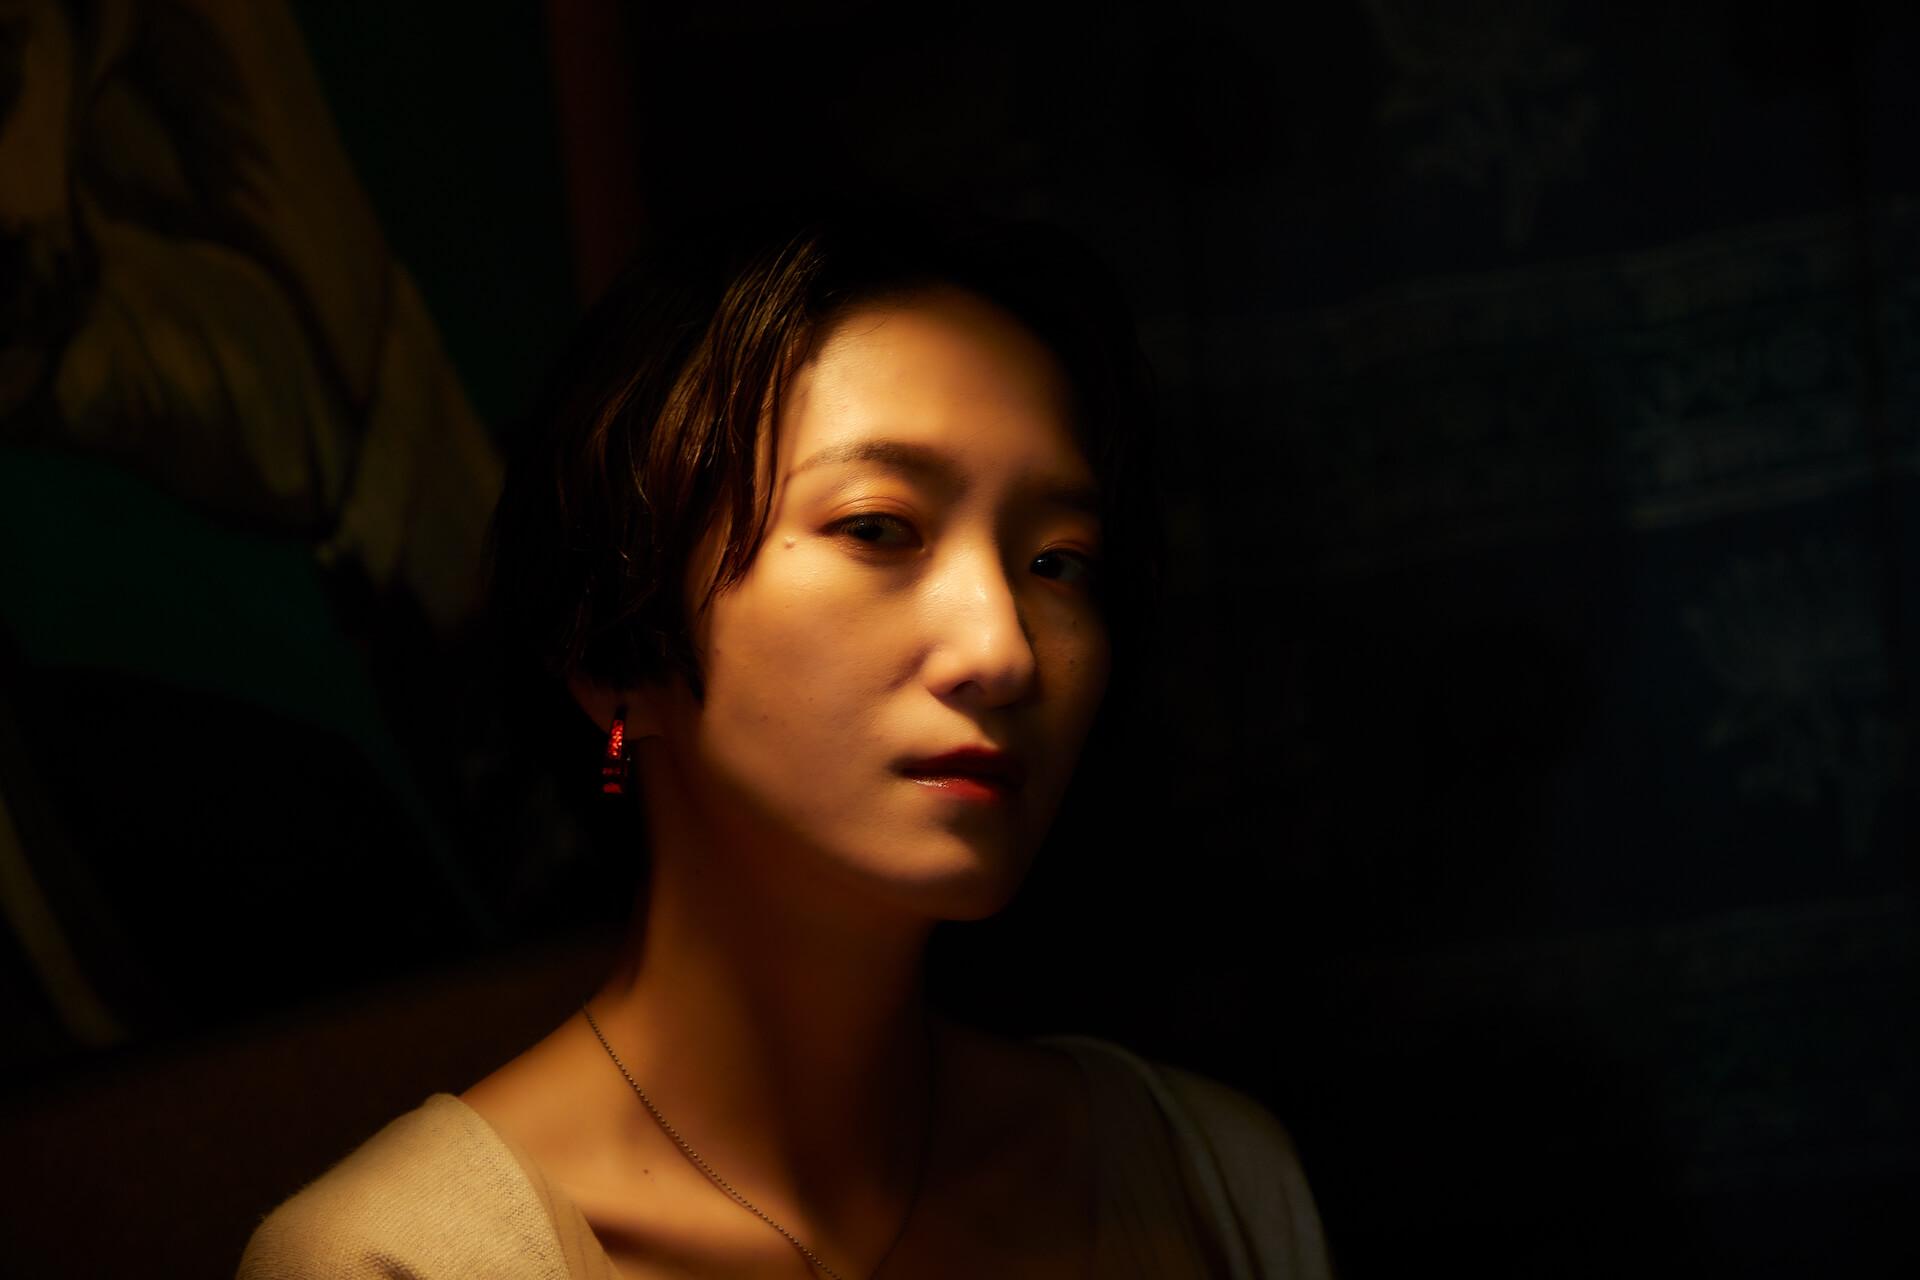 流れを止めない、日食なつこが思う「音楽の本質」━━日食なつこ3rdアルバム『アンチ・フリーズ』インタビュー interview210816_nisshoku-natsuko-01